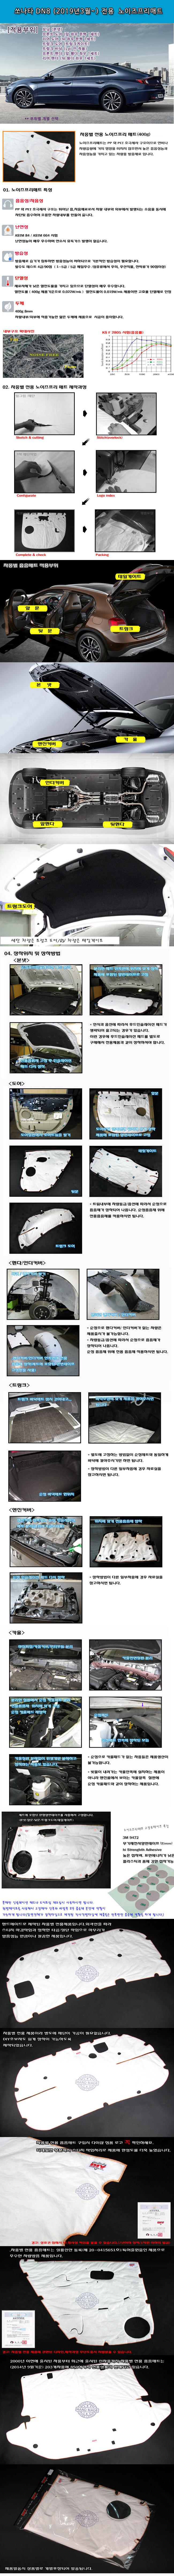 자동차방음, 흡음재료